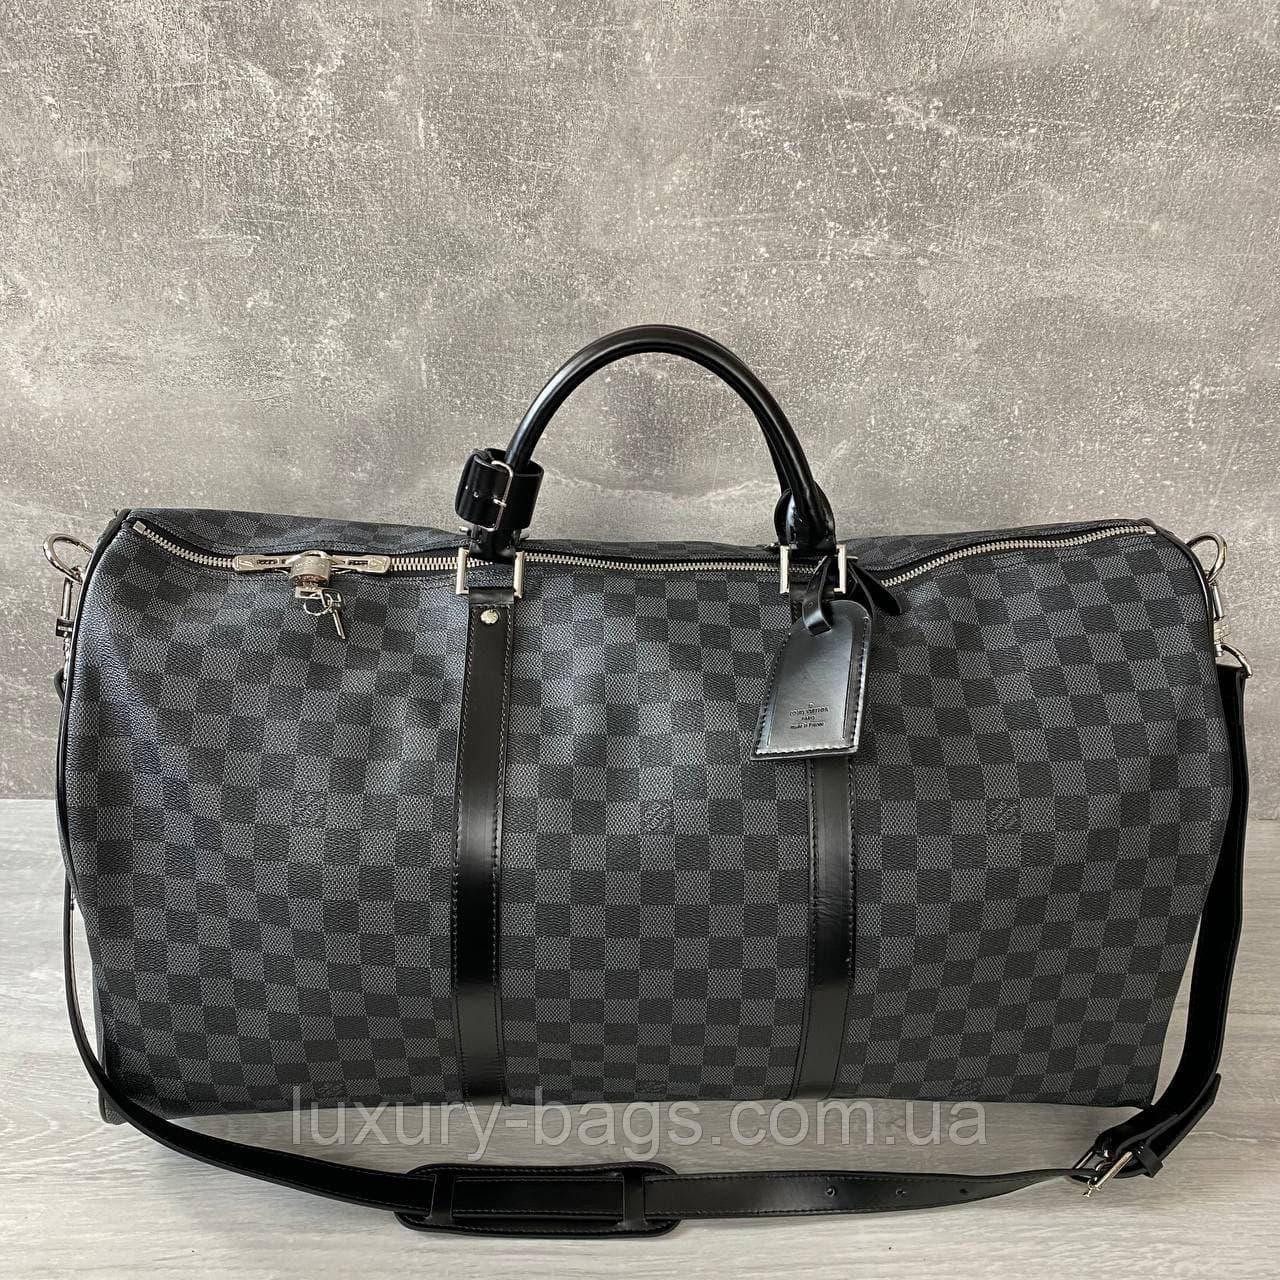 Дорожня сумка Louis Vuitton Keepall 55 Луї Віттон